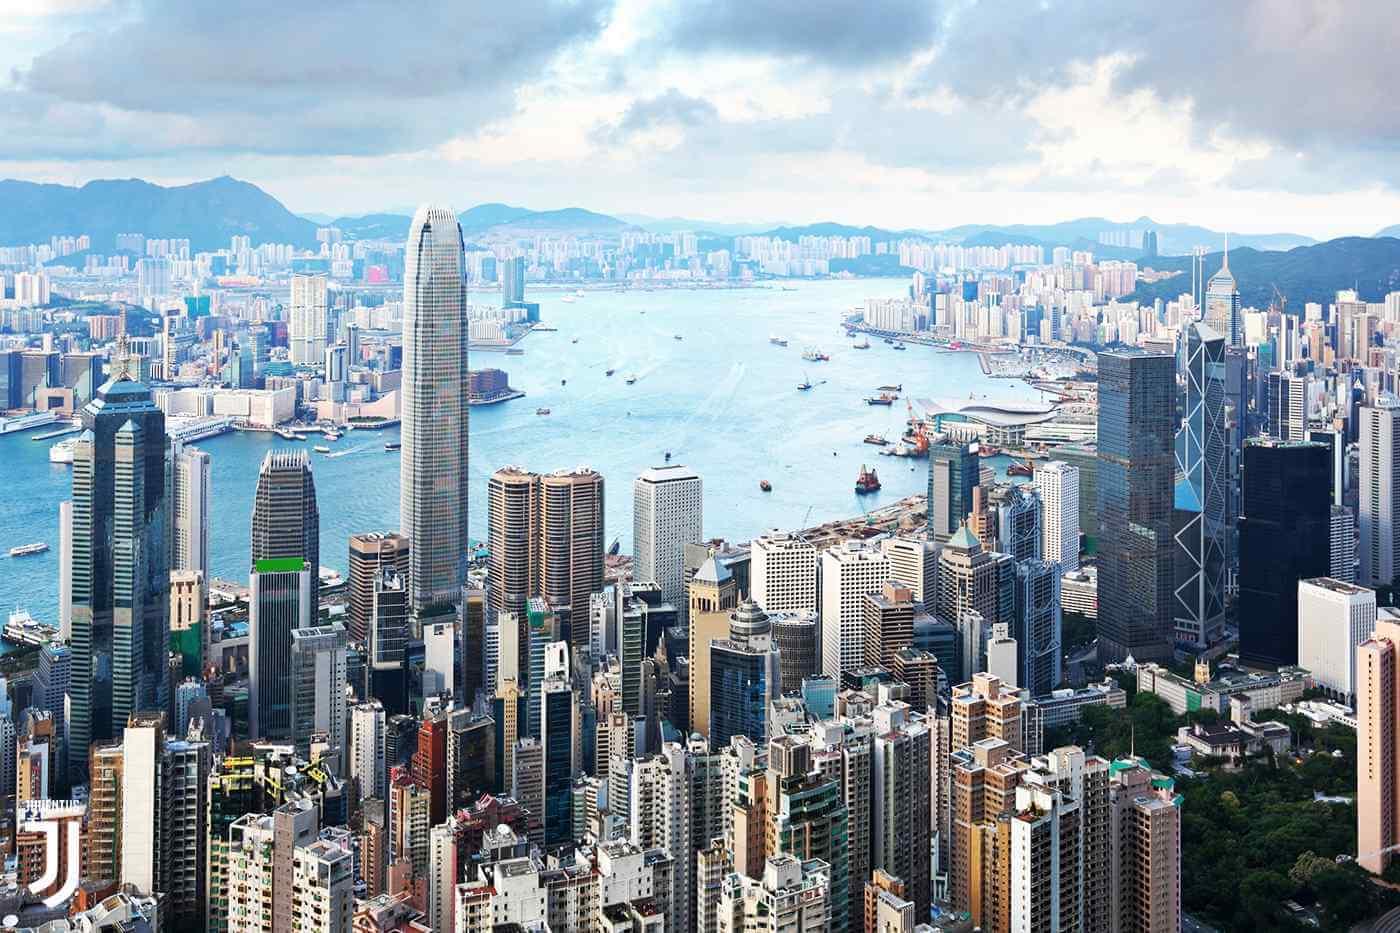 Il rapporto Cina-Hong Kong e sviluppi futuri